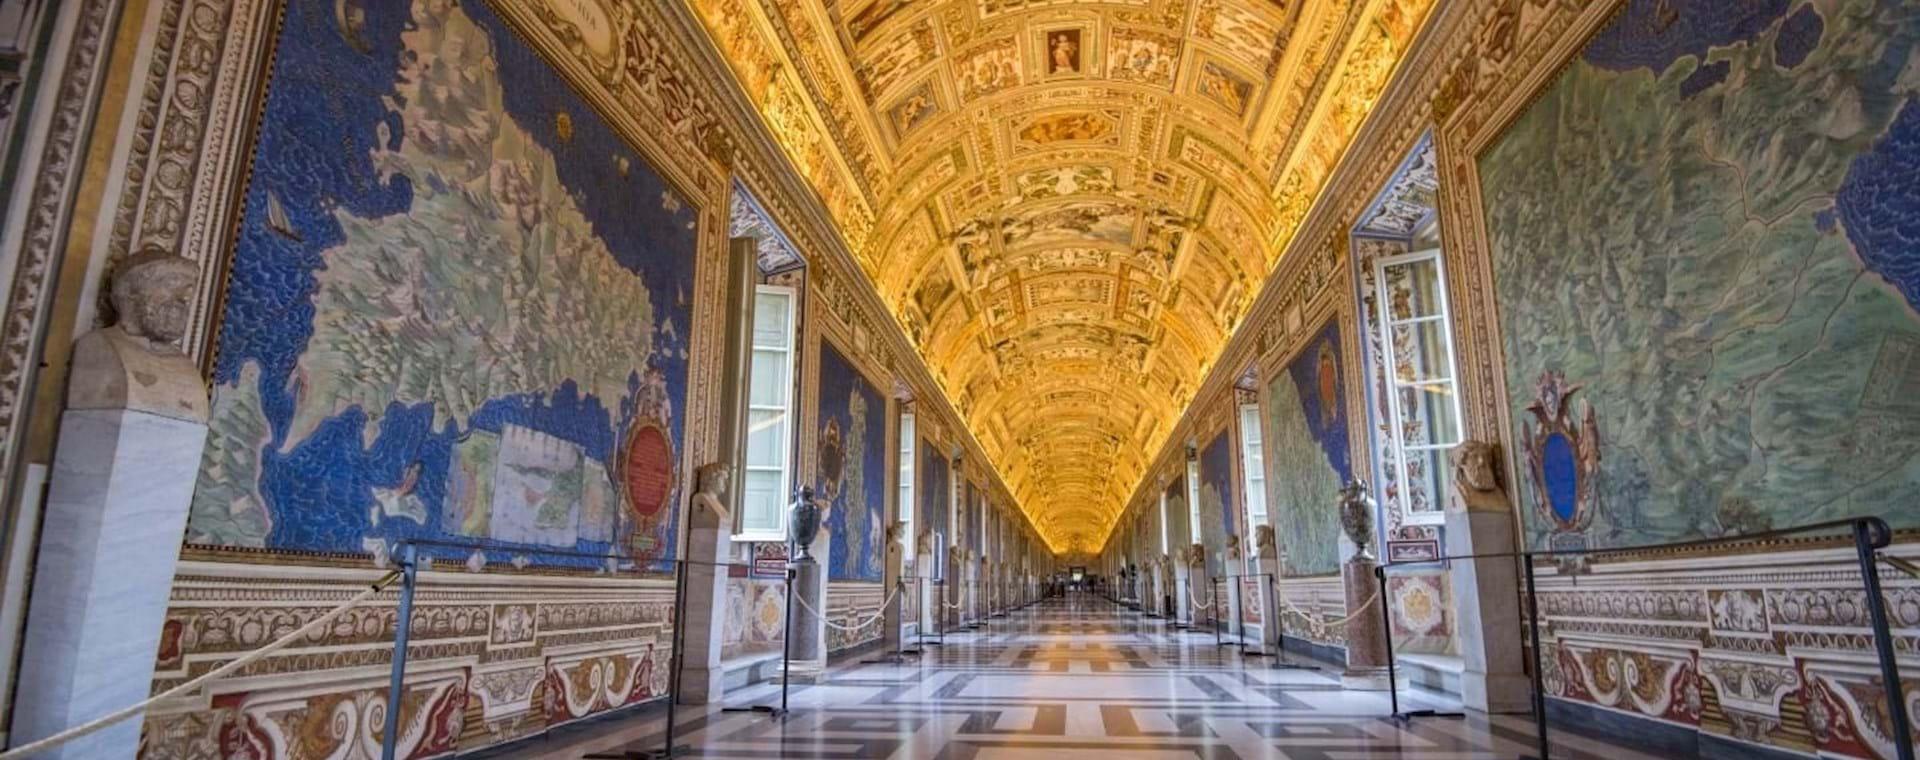 Vatican Museums, Sistine Chapel, & St. Peter's Basilica Tour